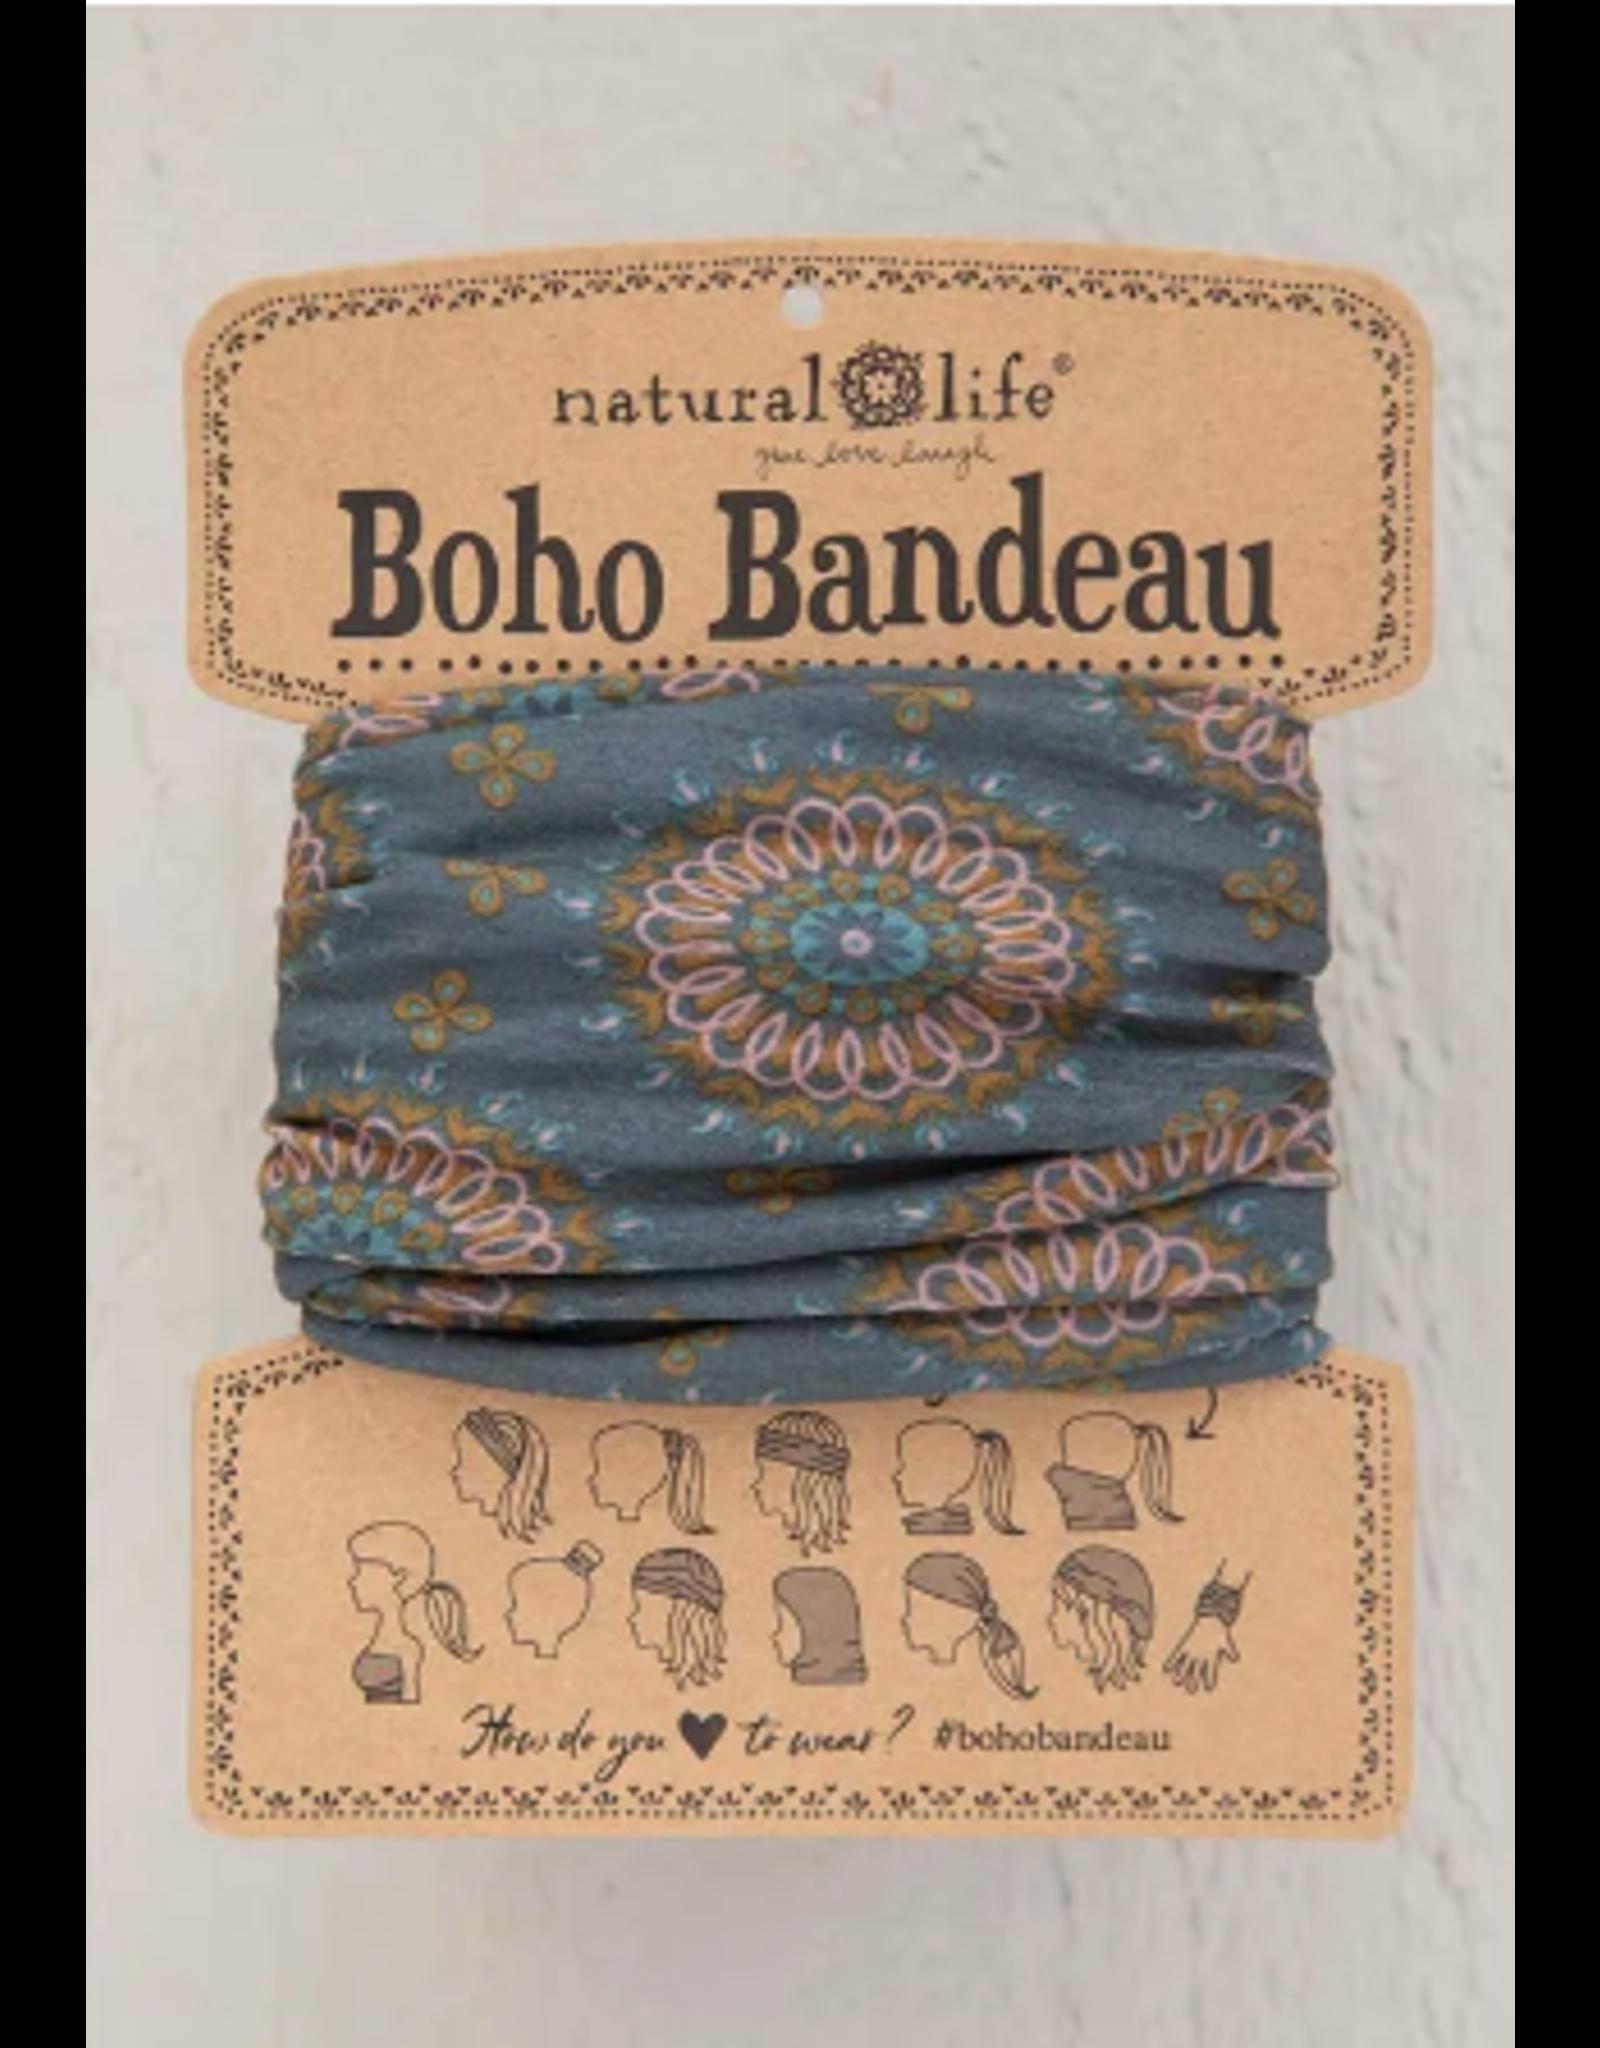 Natural LIfe Boho Bandeau, Sage Gold Medallion